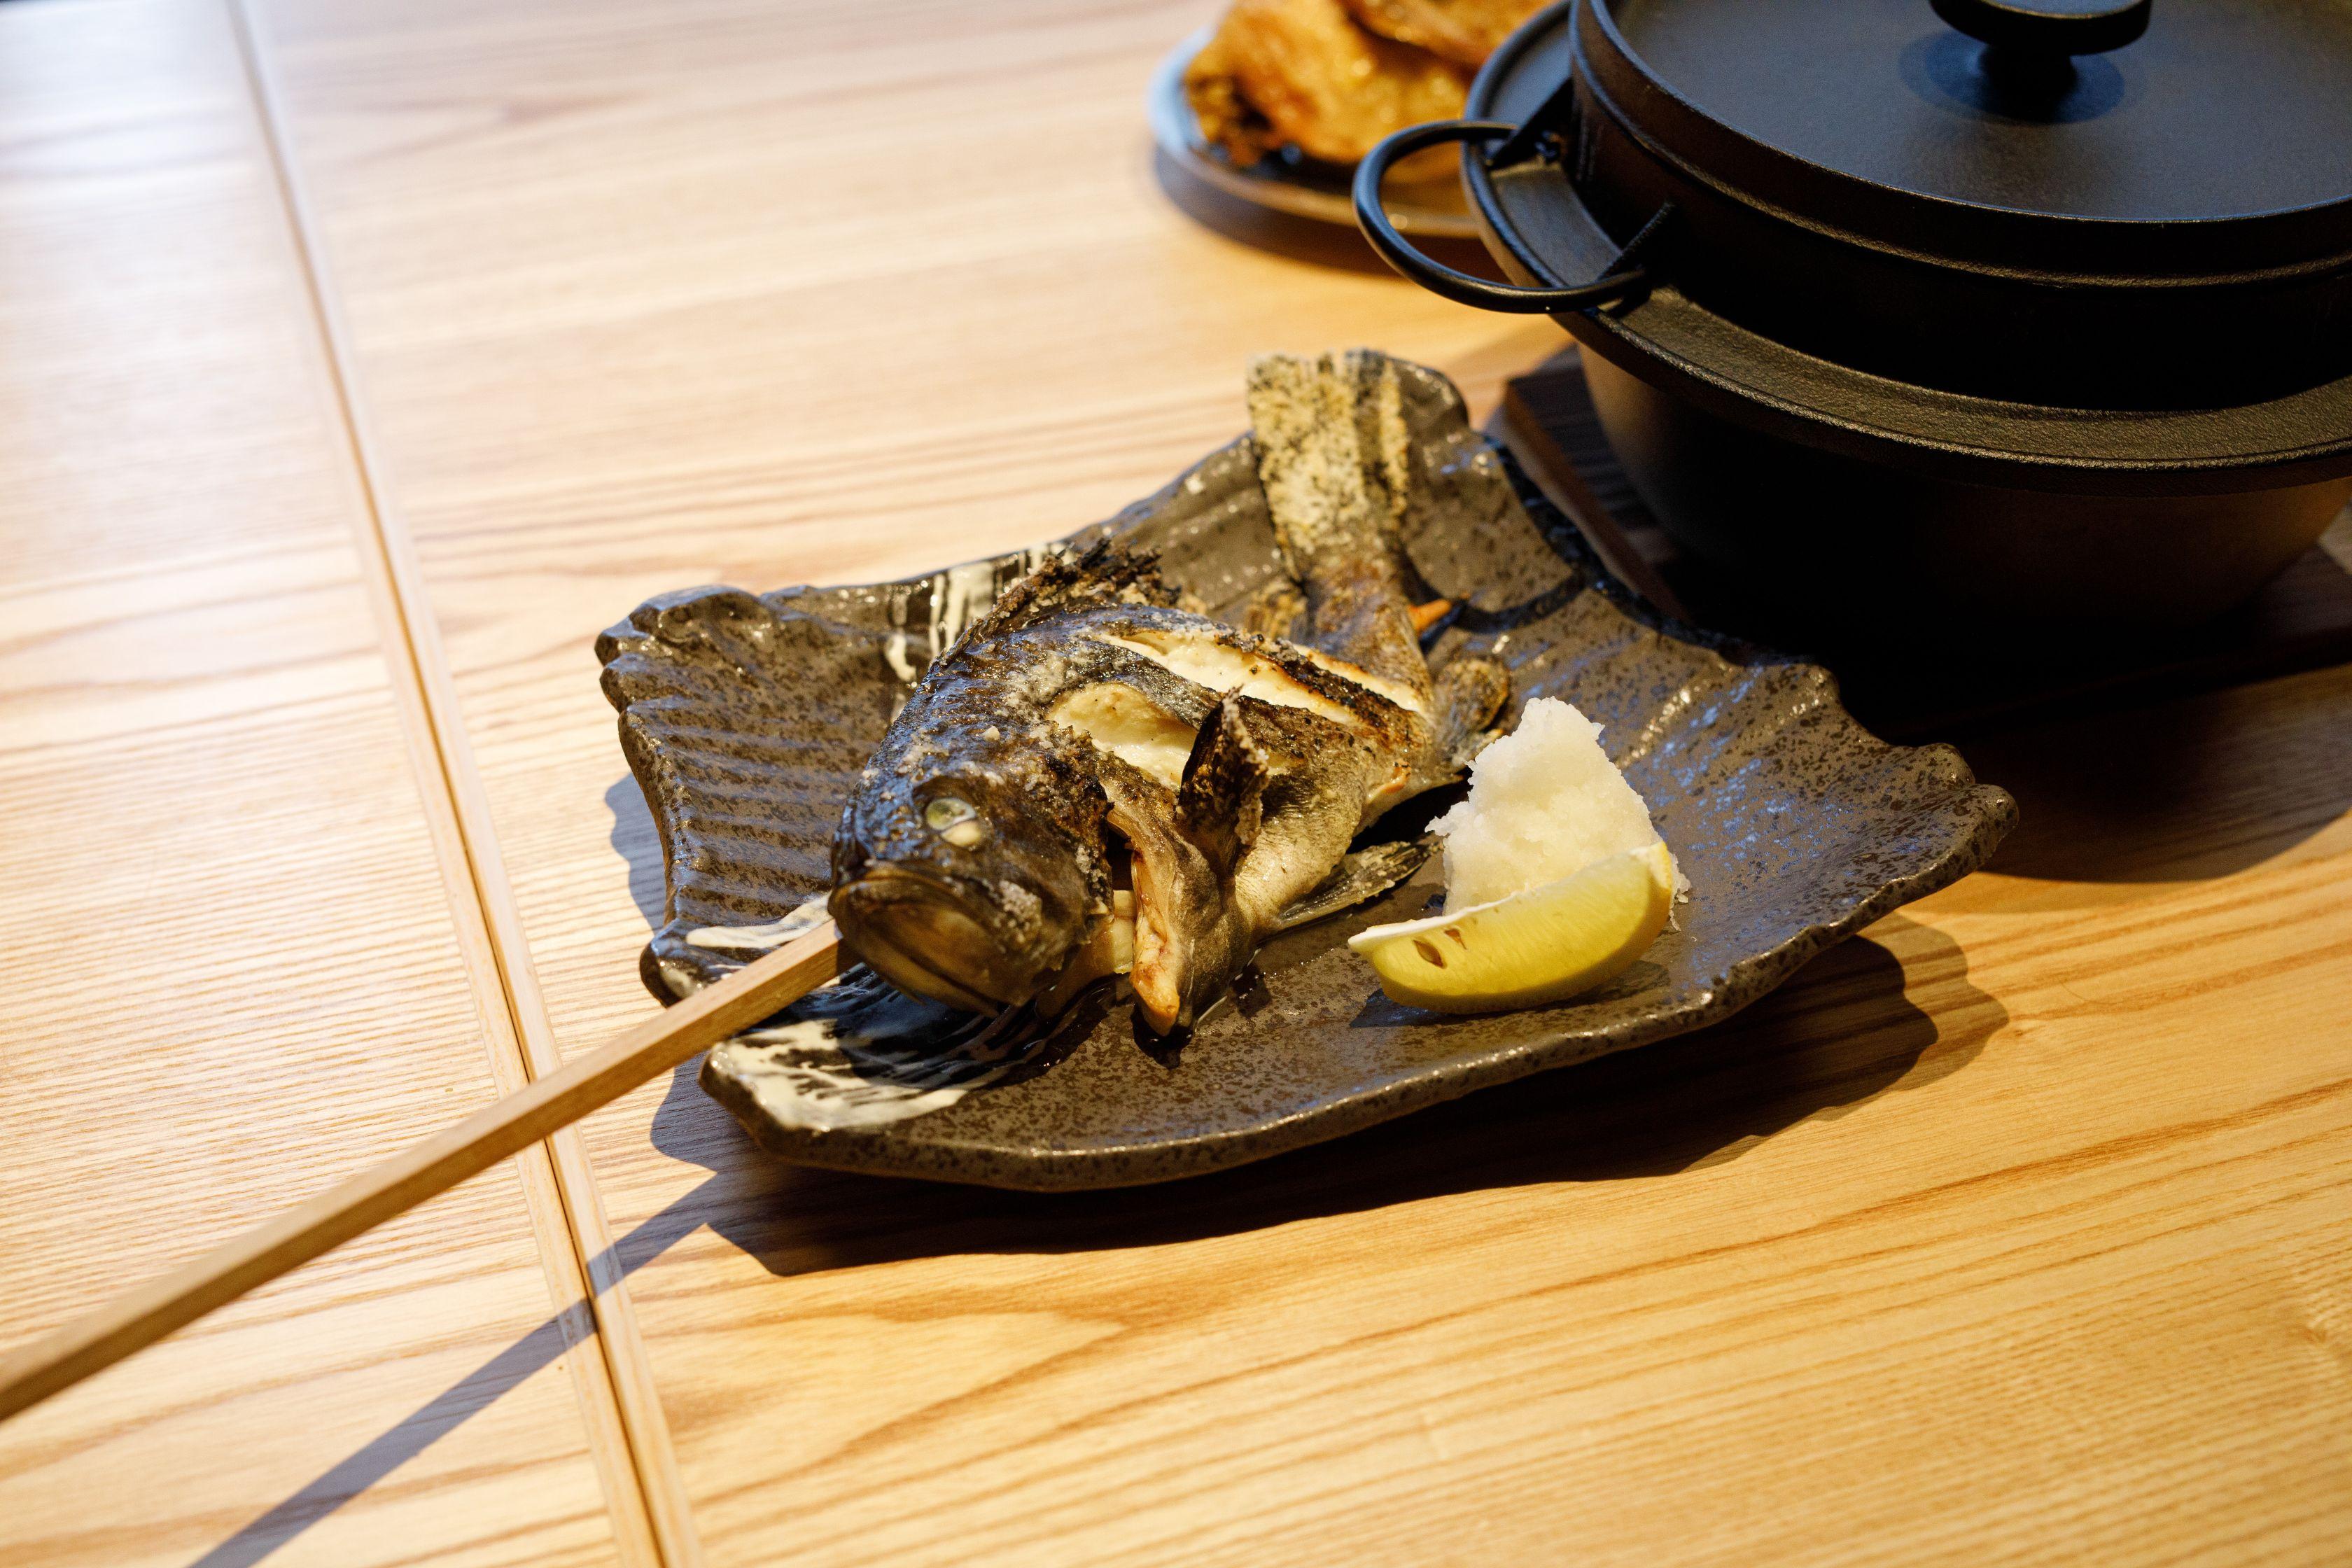 香ばしい炉端焼きでもてなす「ろばたの魚炉米」&4ジャンル超えた料理を楽しむ「GRAND KAZAN ~グランカザン~」 - MG 2134